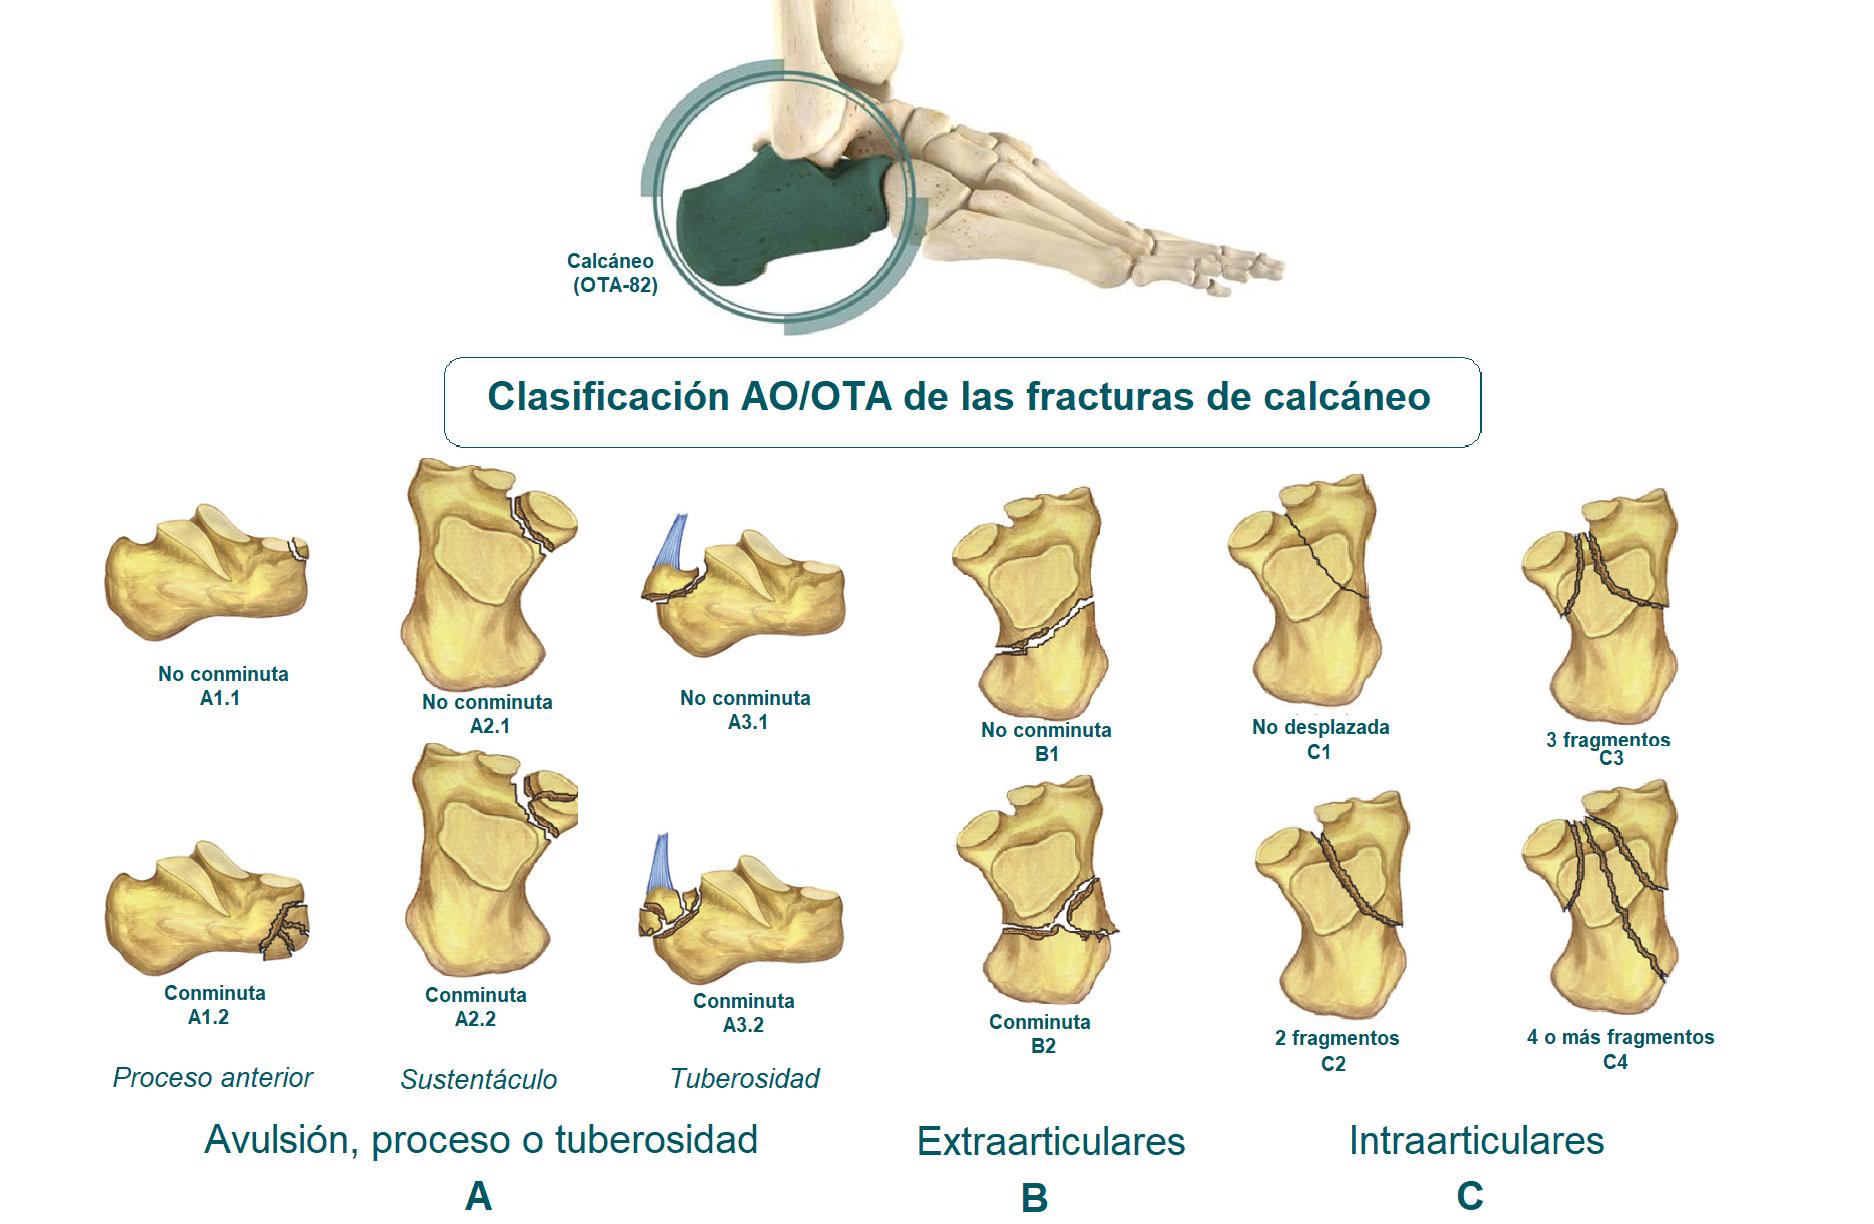 Tipos de fracturas de calcáneo